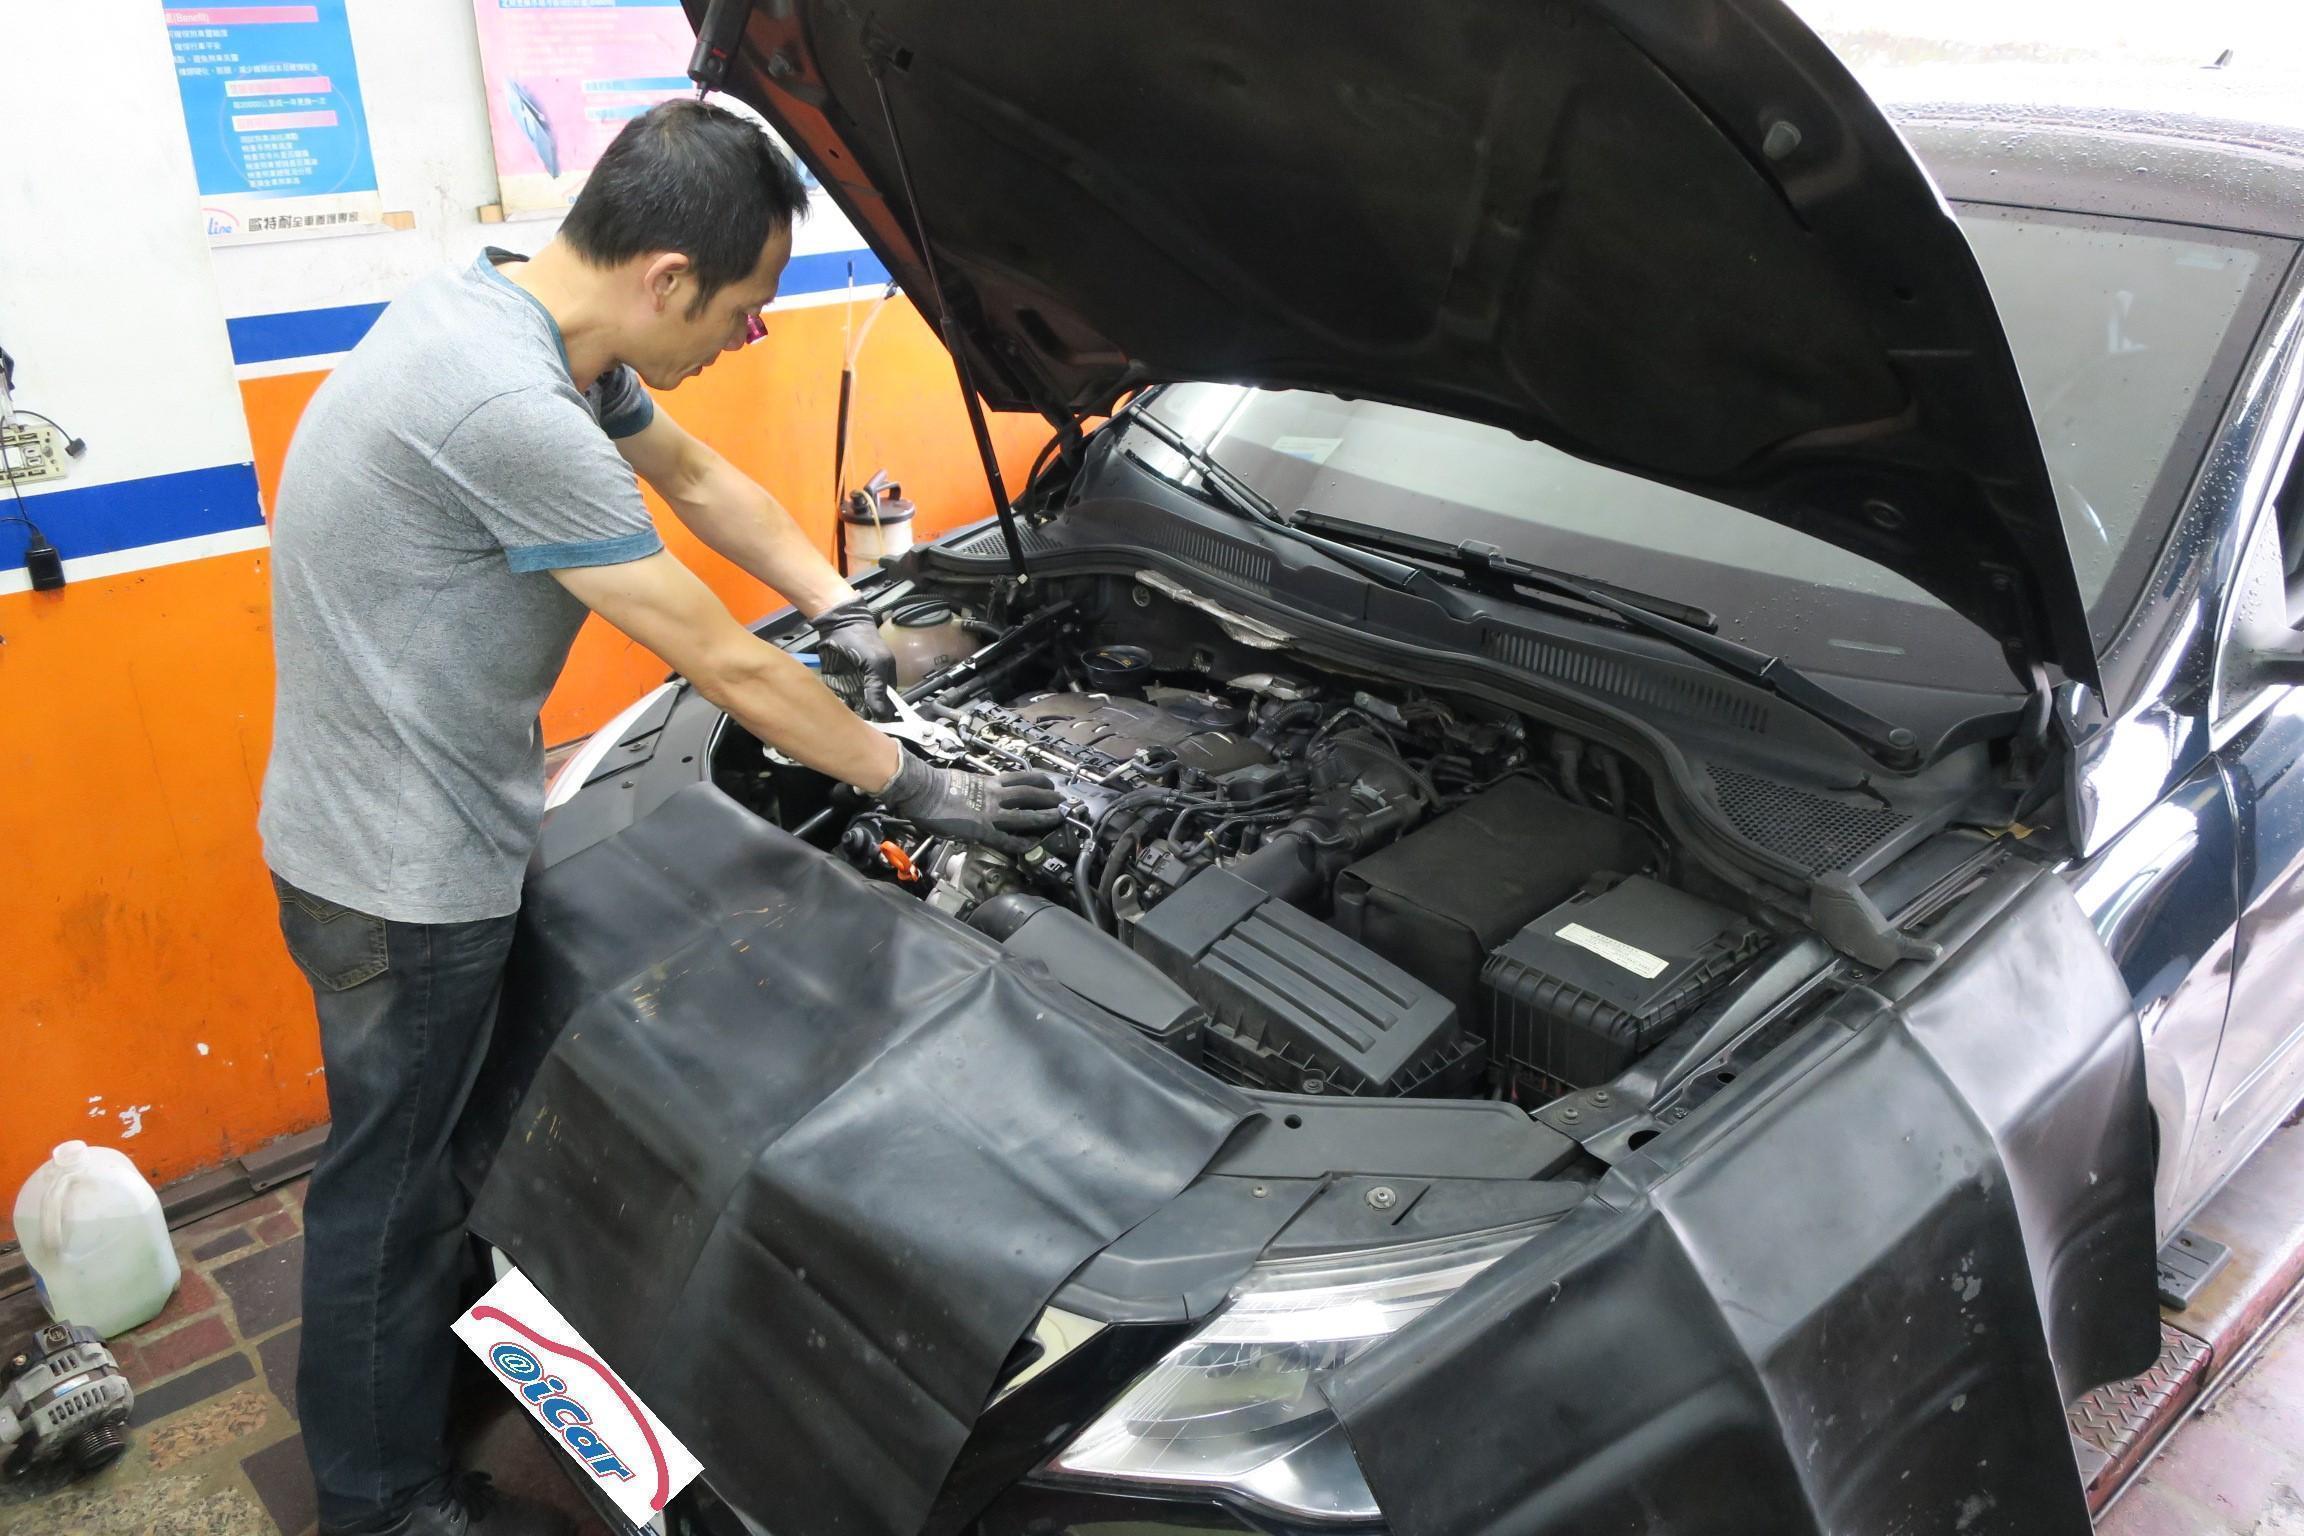 VW PASSAT引擎點火系統查修情況。